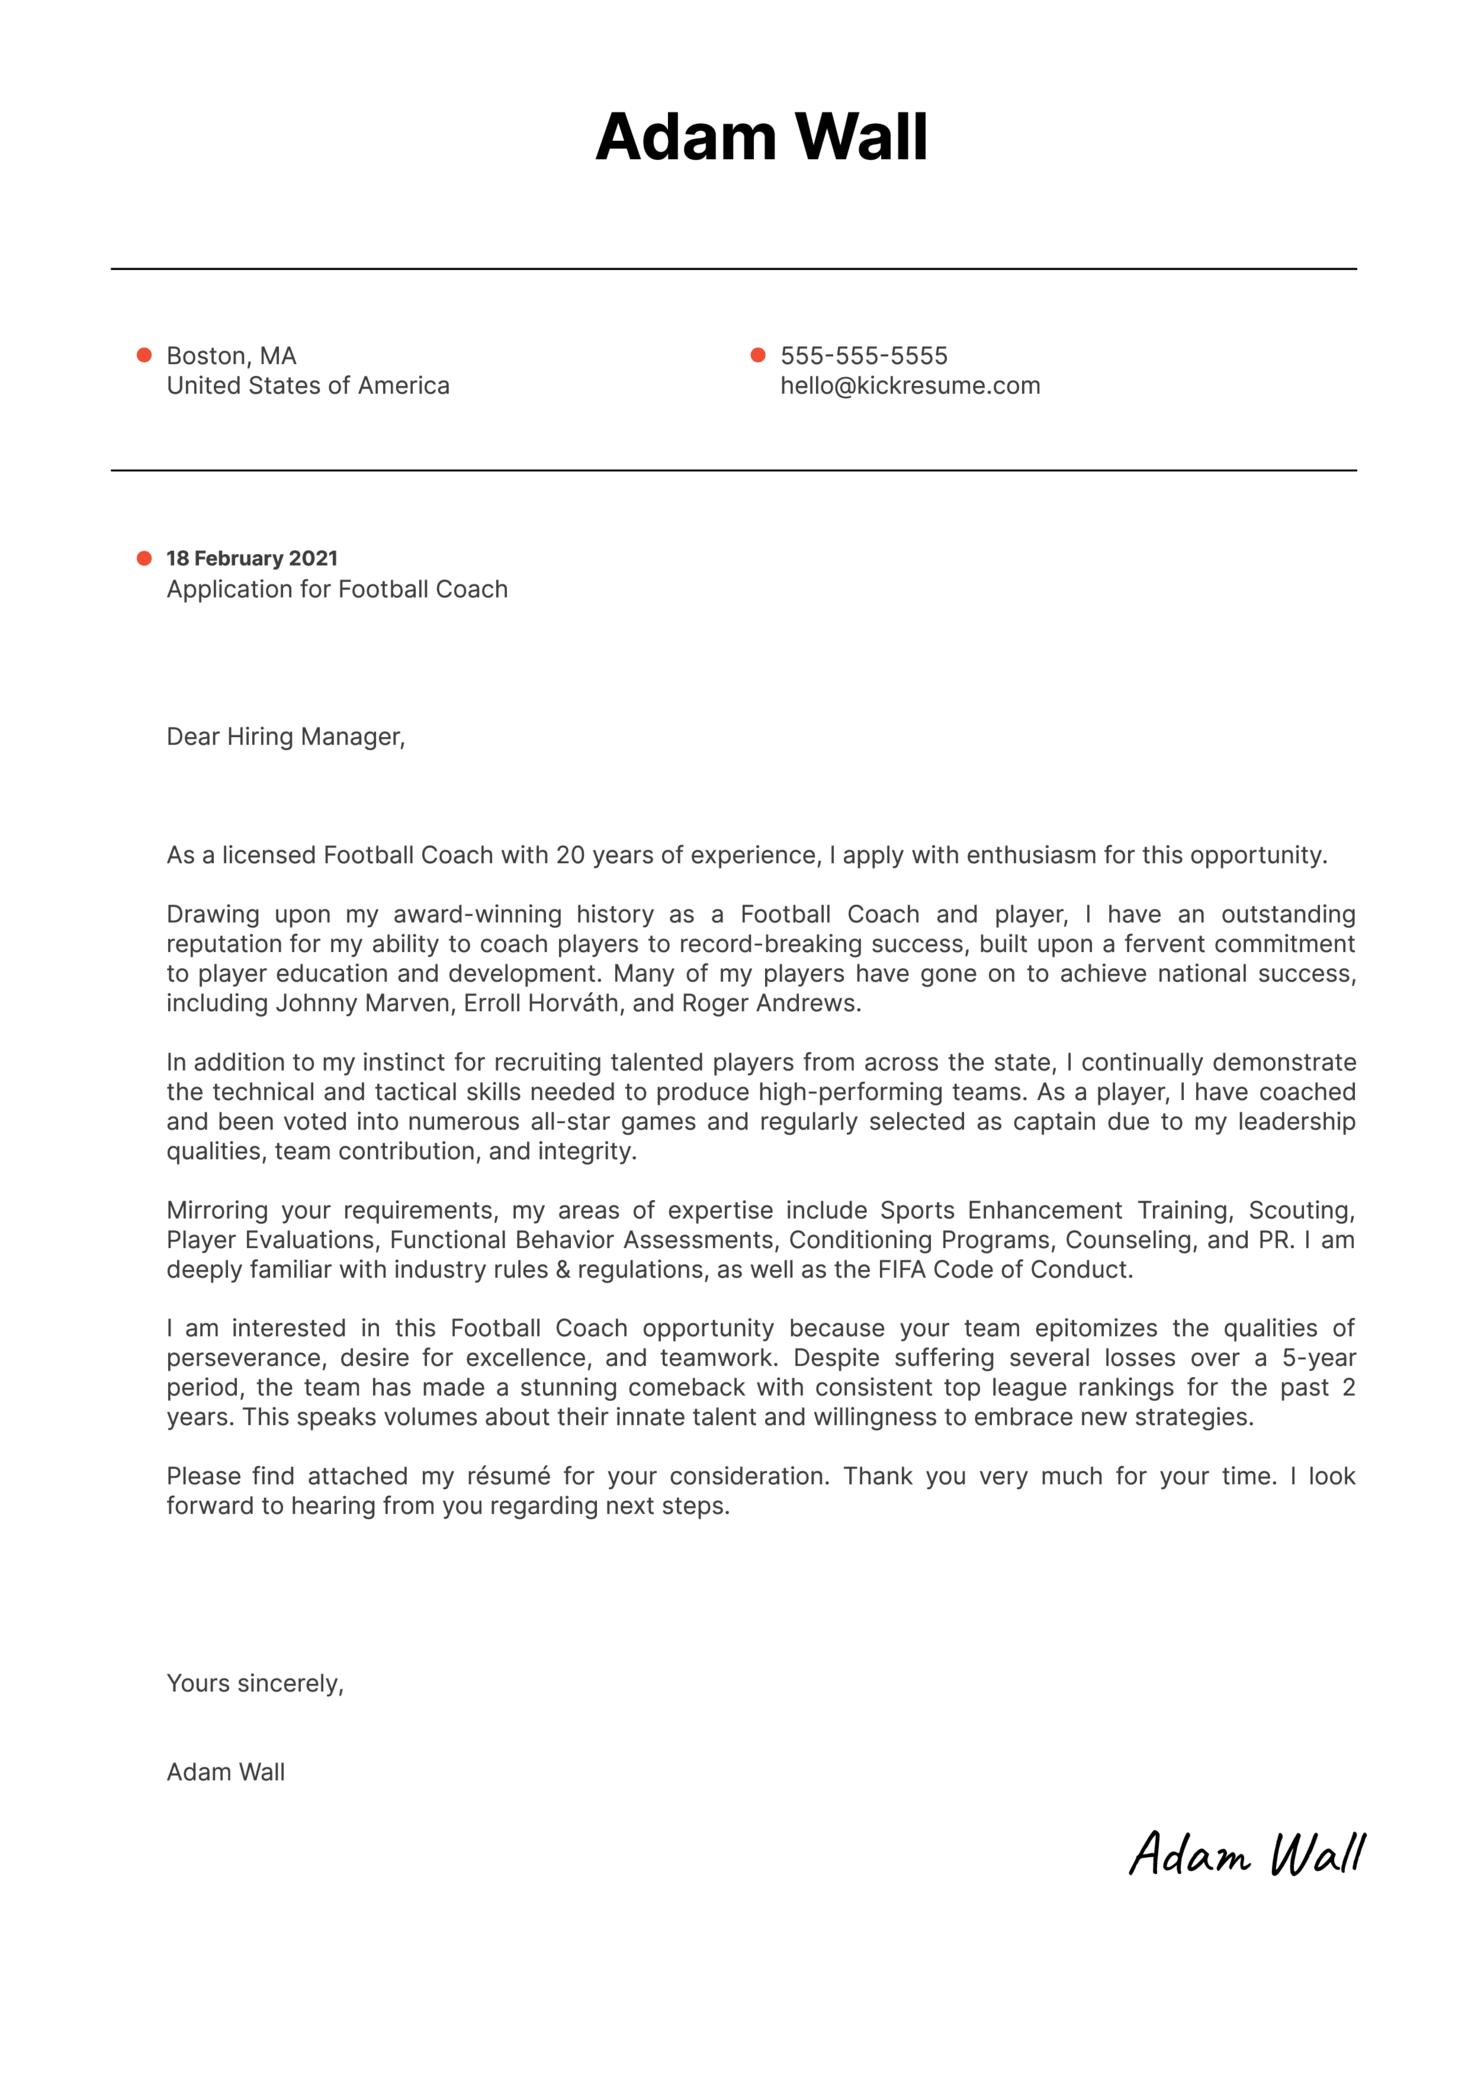 Football Coach Cover Letter Sample Kickresume